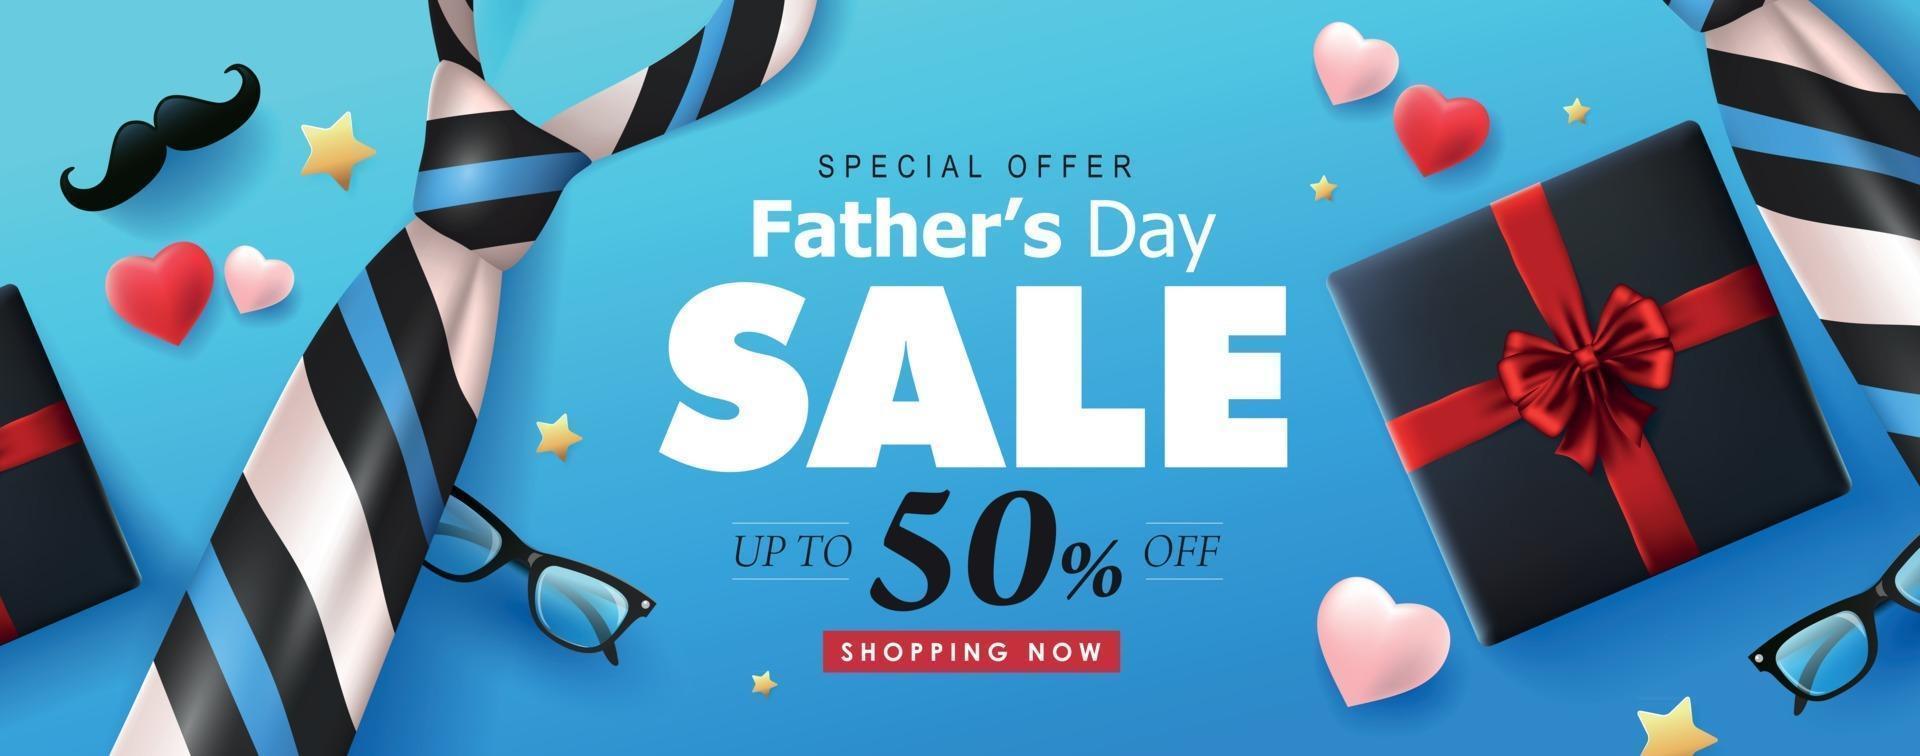 plantilla de fondo de banner de venta de feliz día del padre vector